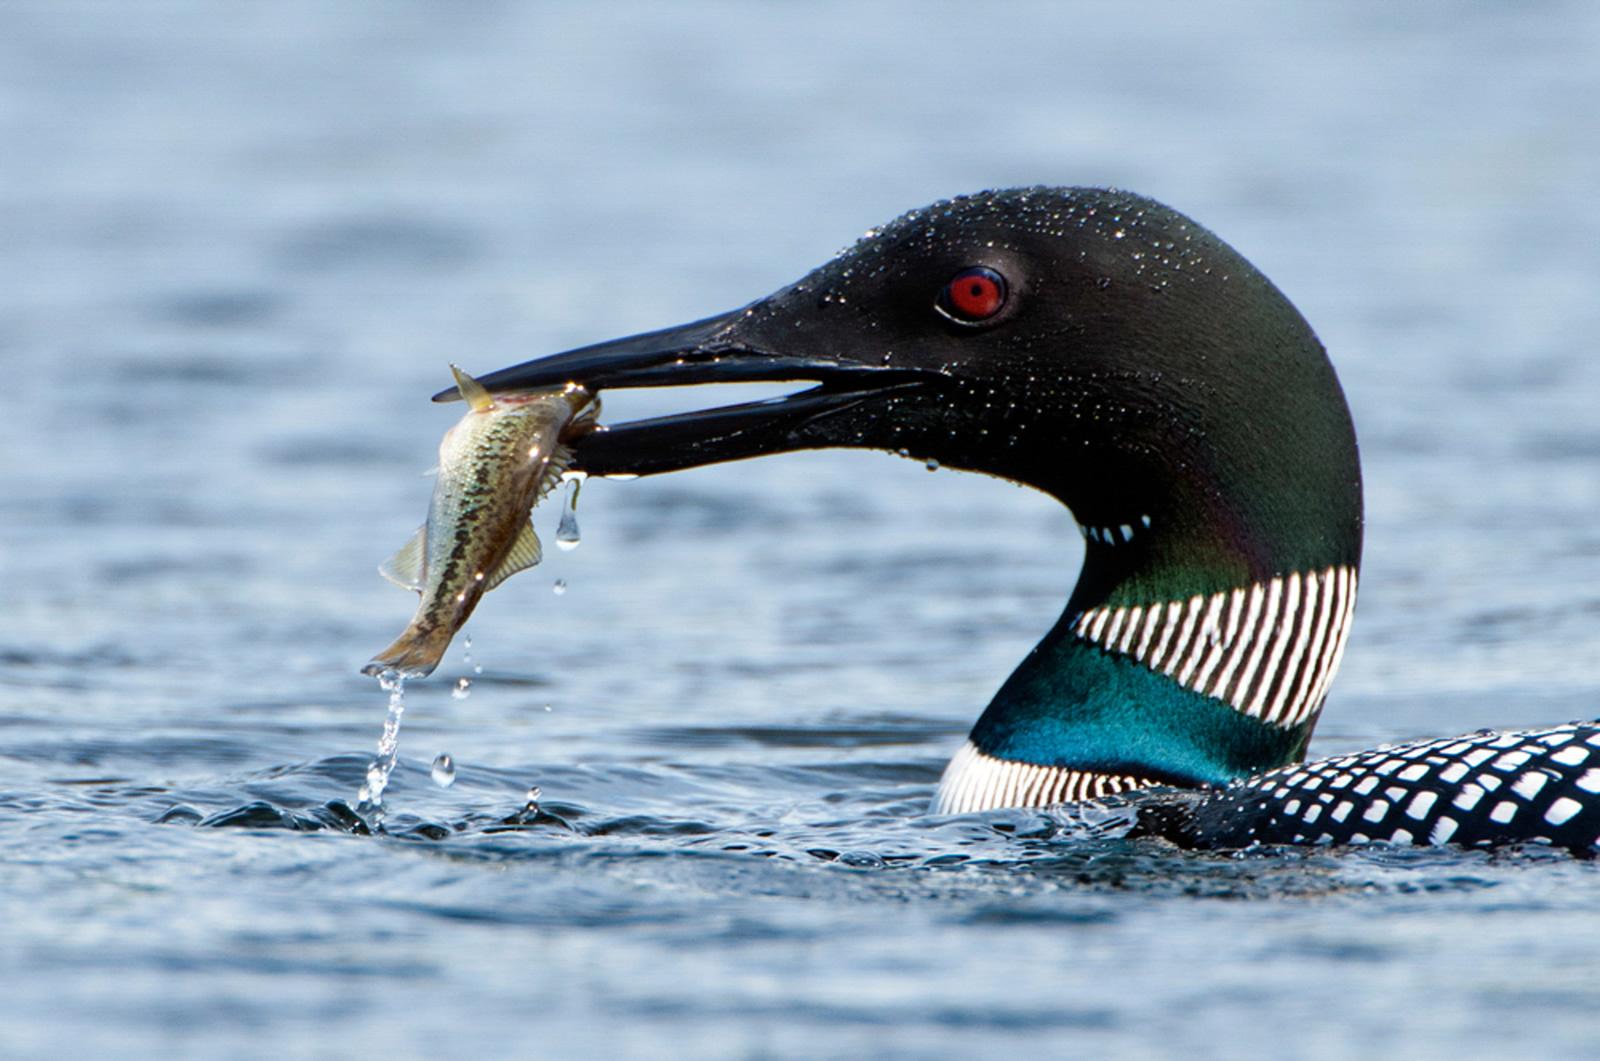 Common Loon. Robert Crootof/Audubon Photography Awards